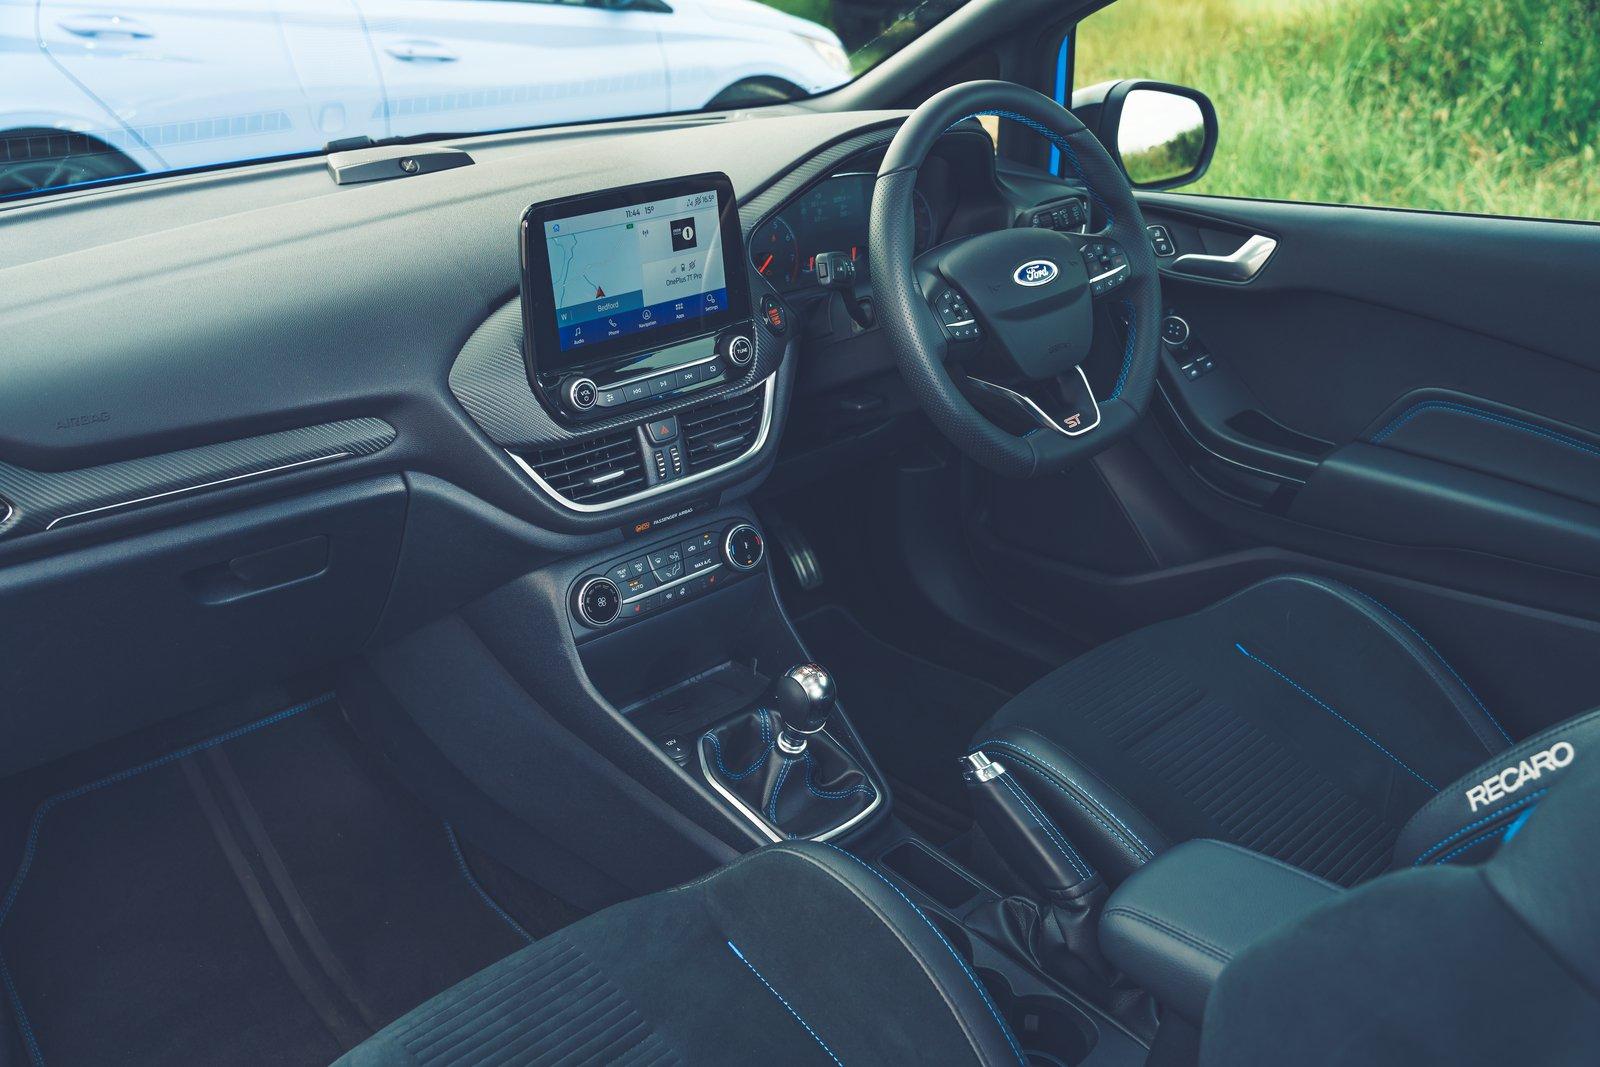 Bancos dianteiros internos do Ford Fiesta ST 2021